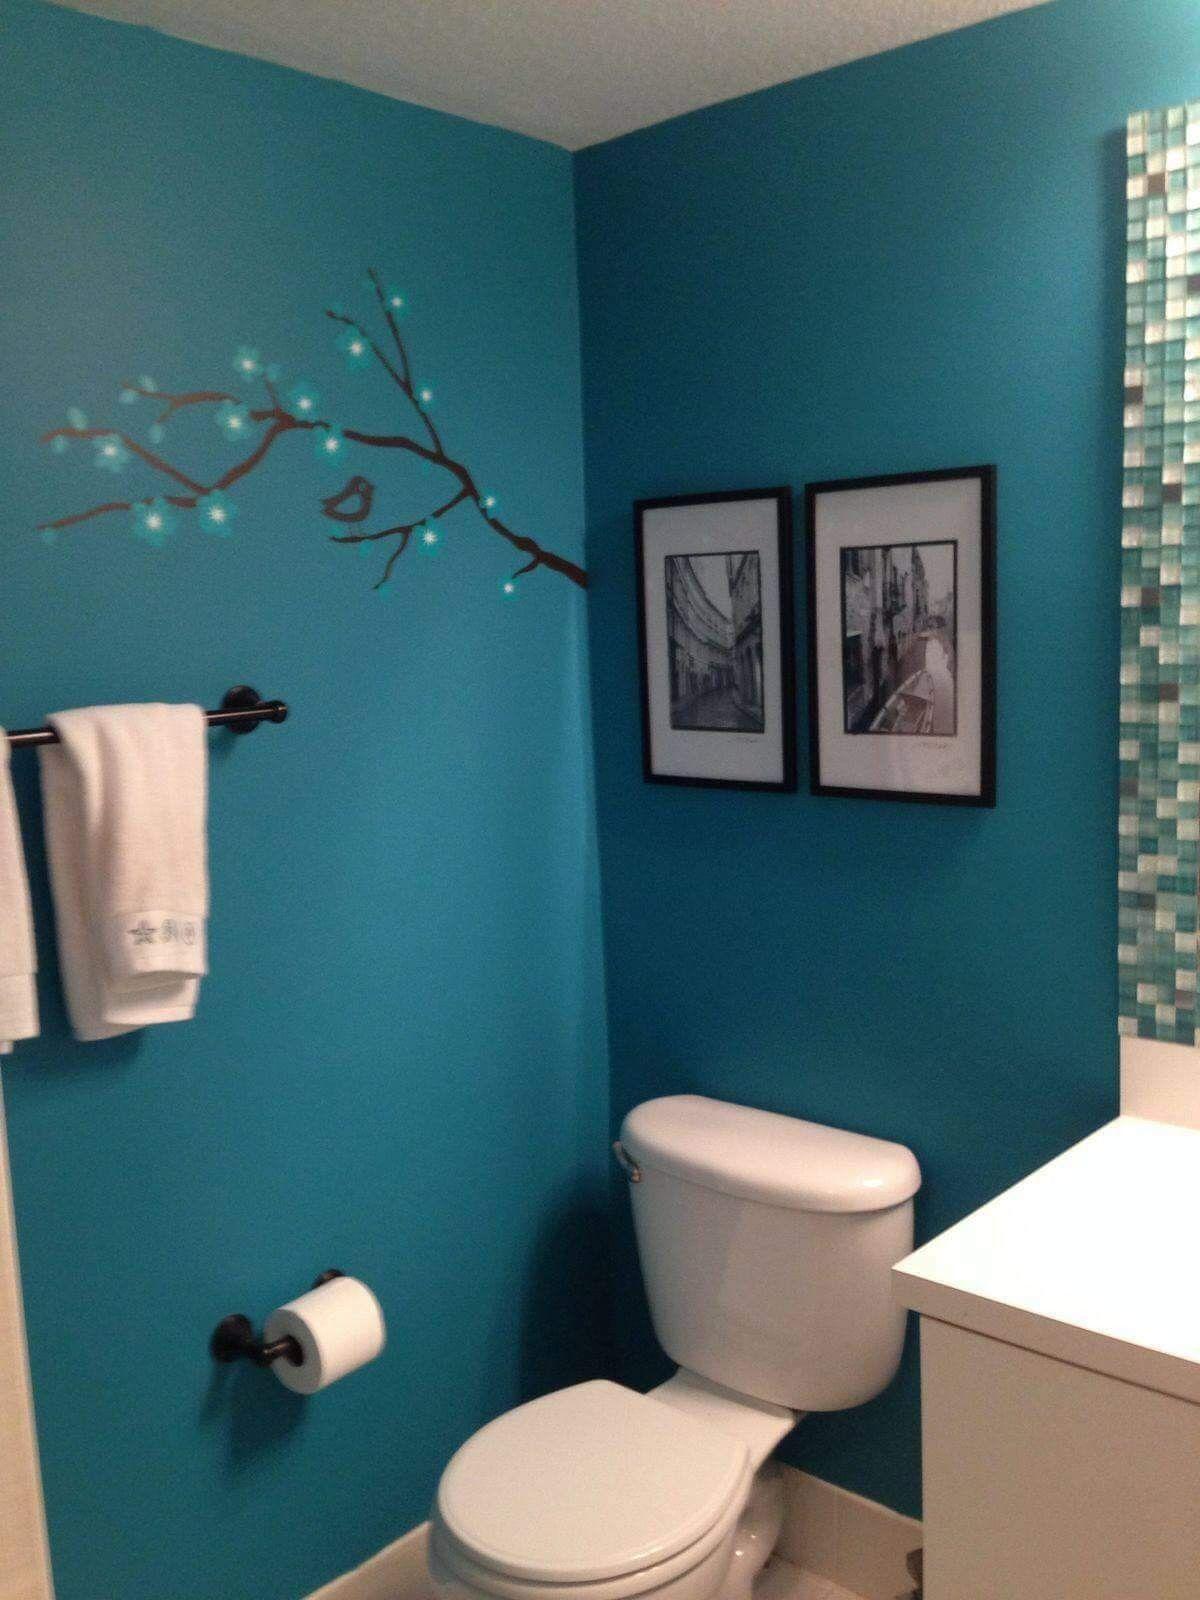 Pin de Lourdes Padilla en Interiores | Cuarto de baño ...